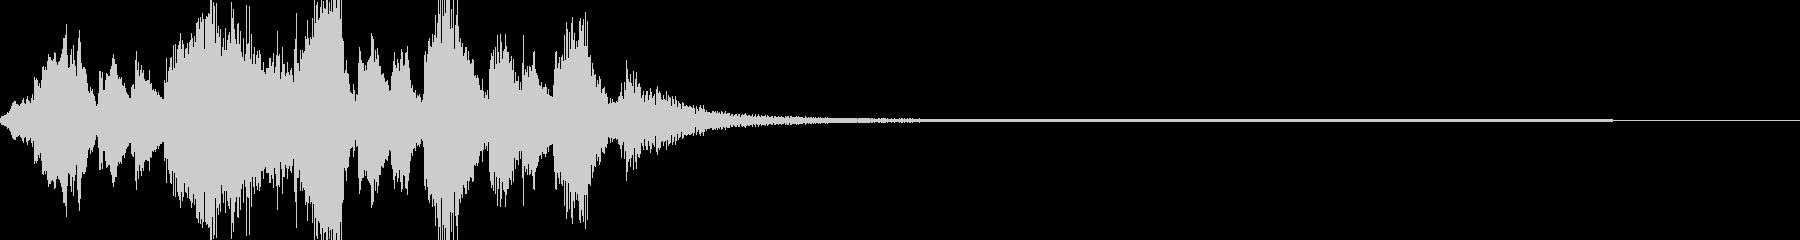 ホラーでコミカルなジングルの未再生の波形